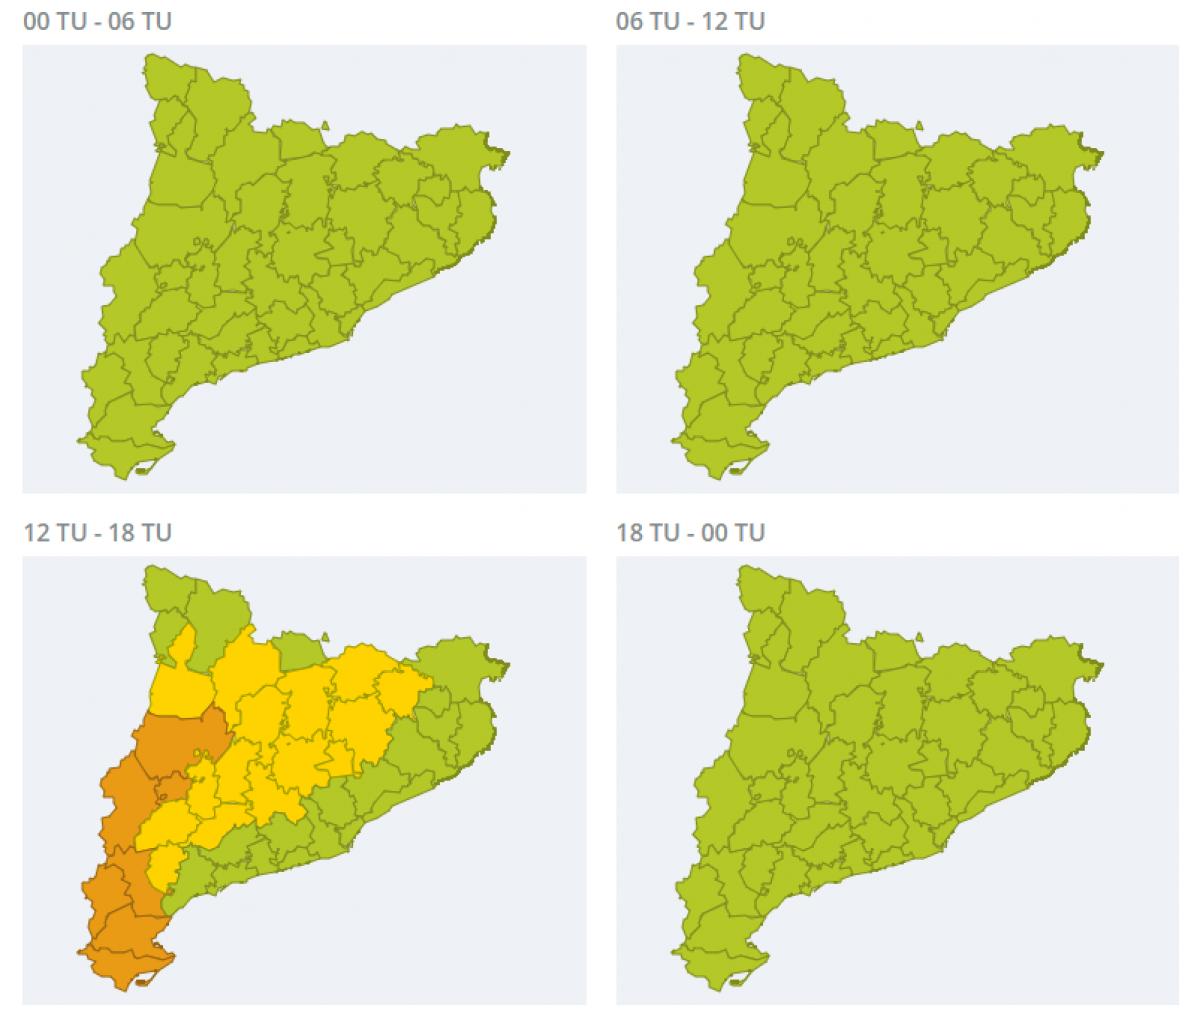 Mapa d'alertes per calor extrema aquest diumenge